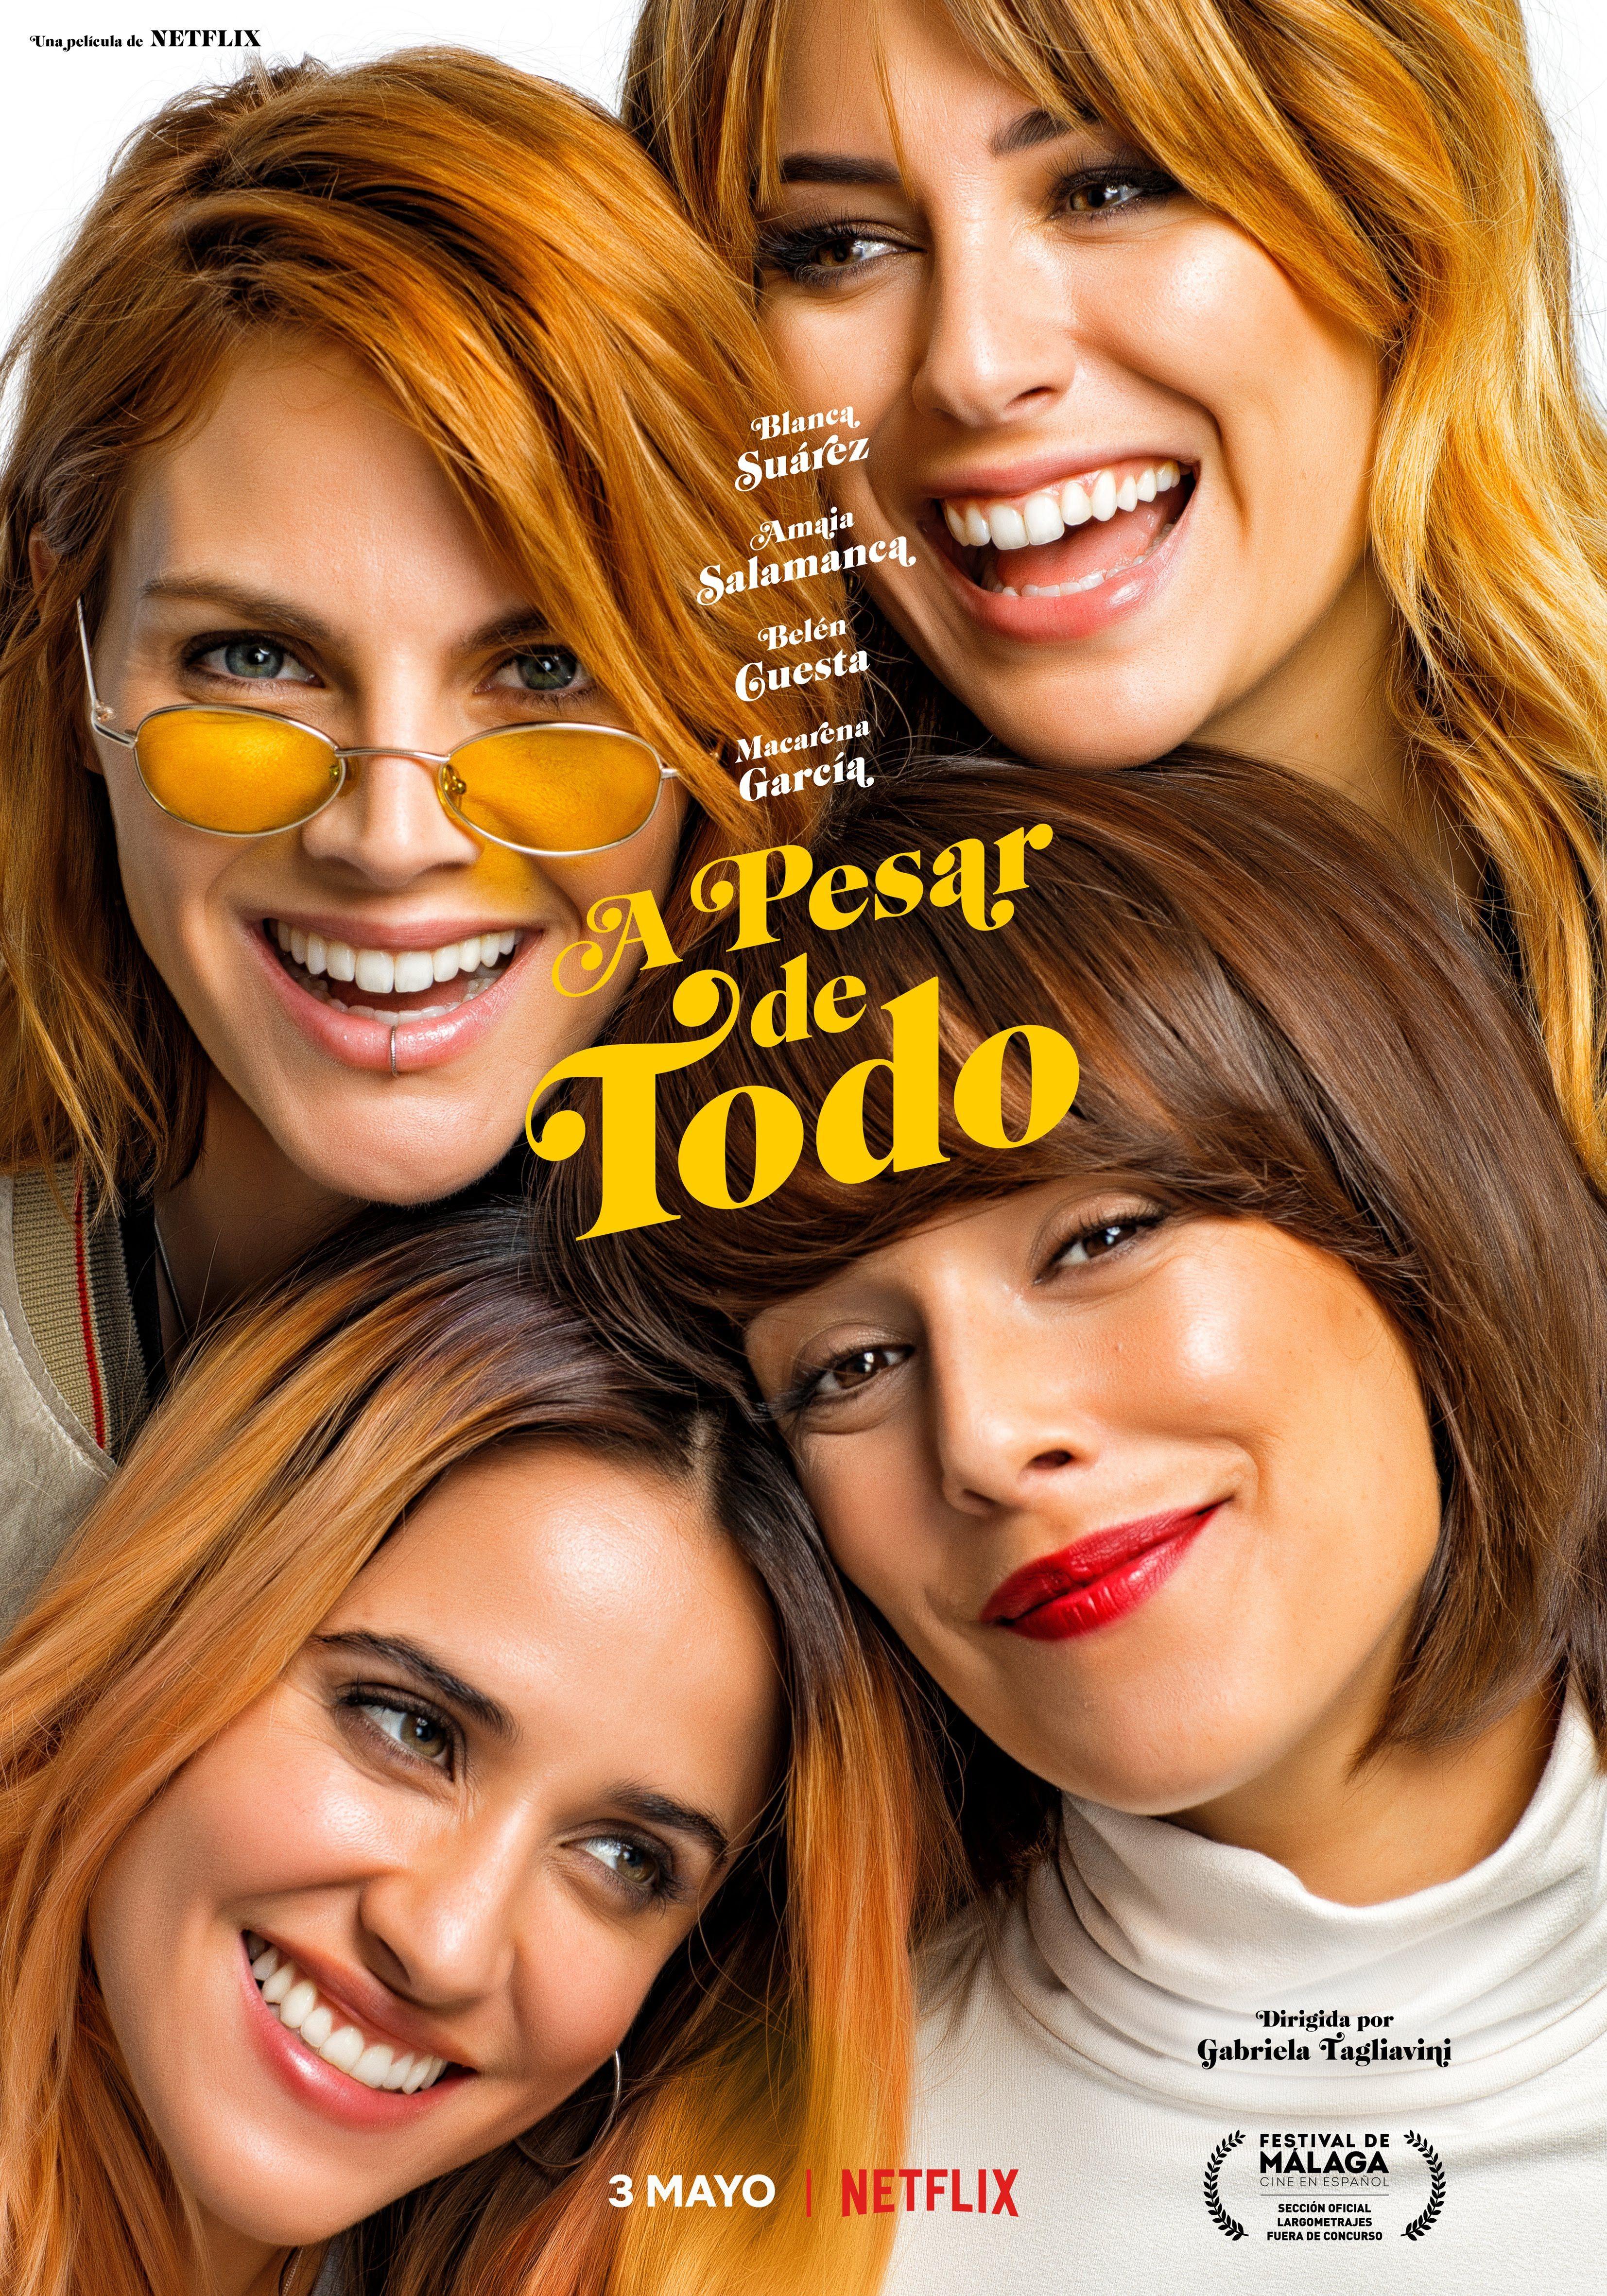 390 Ideas De Películas Y Series En 2021 Peliculas Series Cine